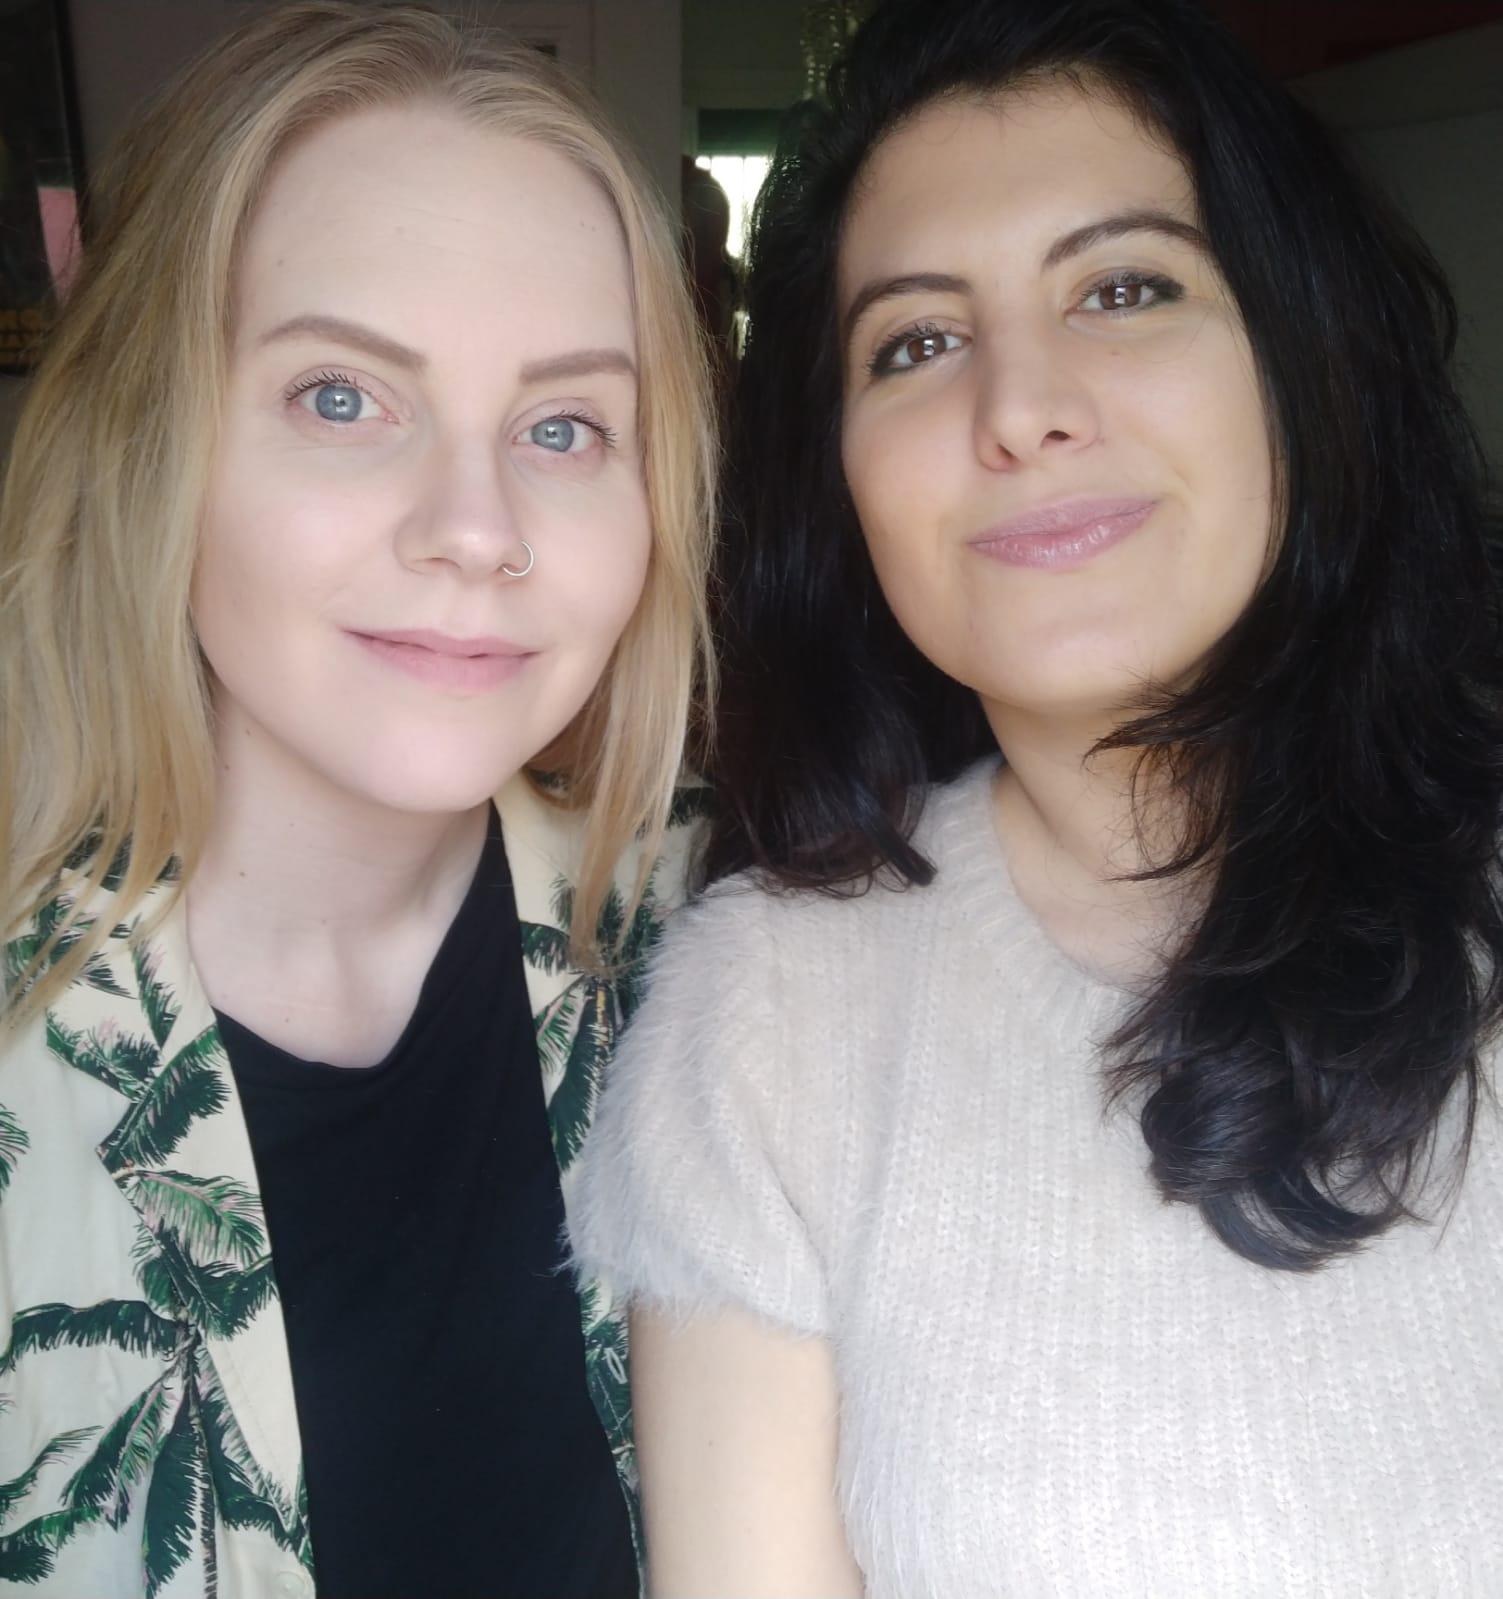 dos mujeres jóvenes